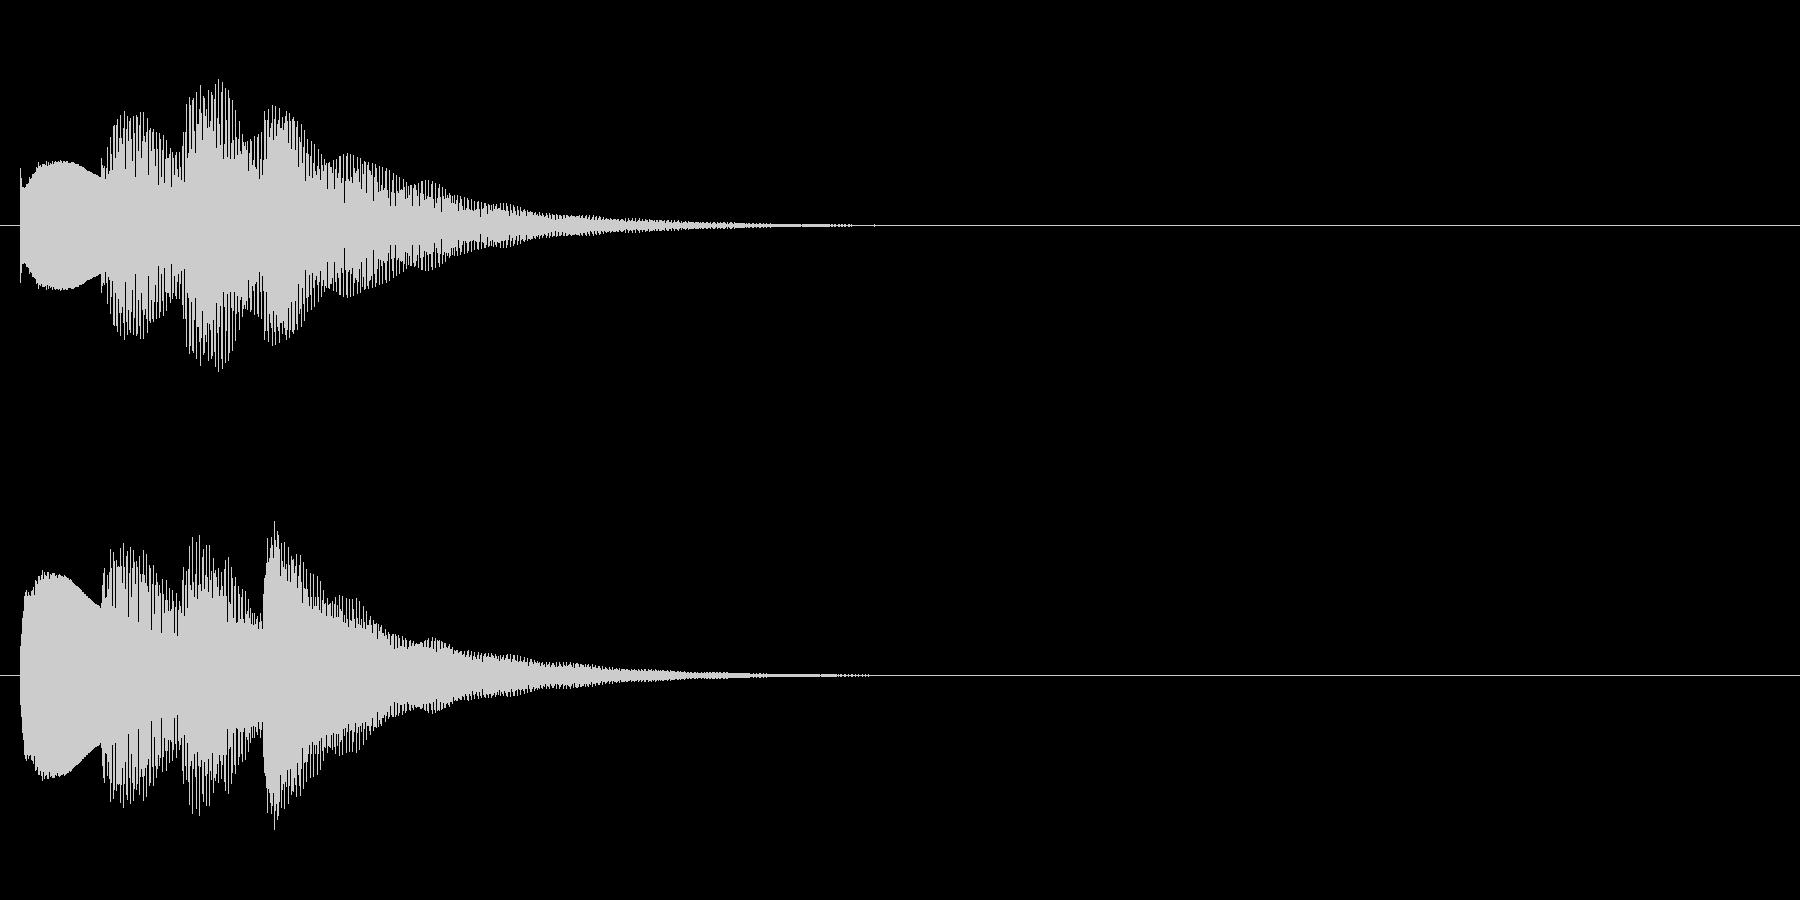 アナウンス始まる前の音(ピンポンパンポンの未再生の波形